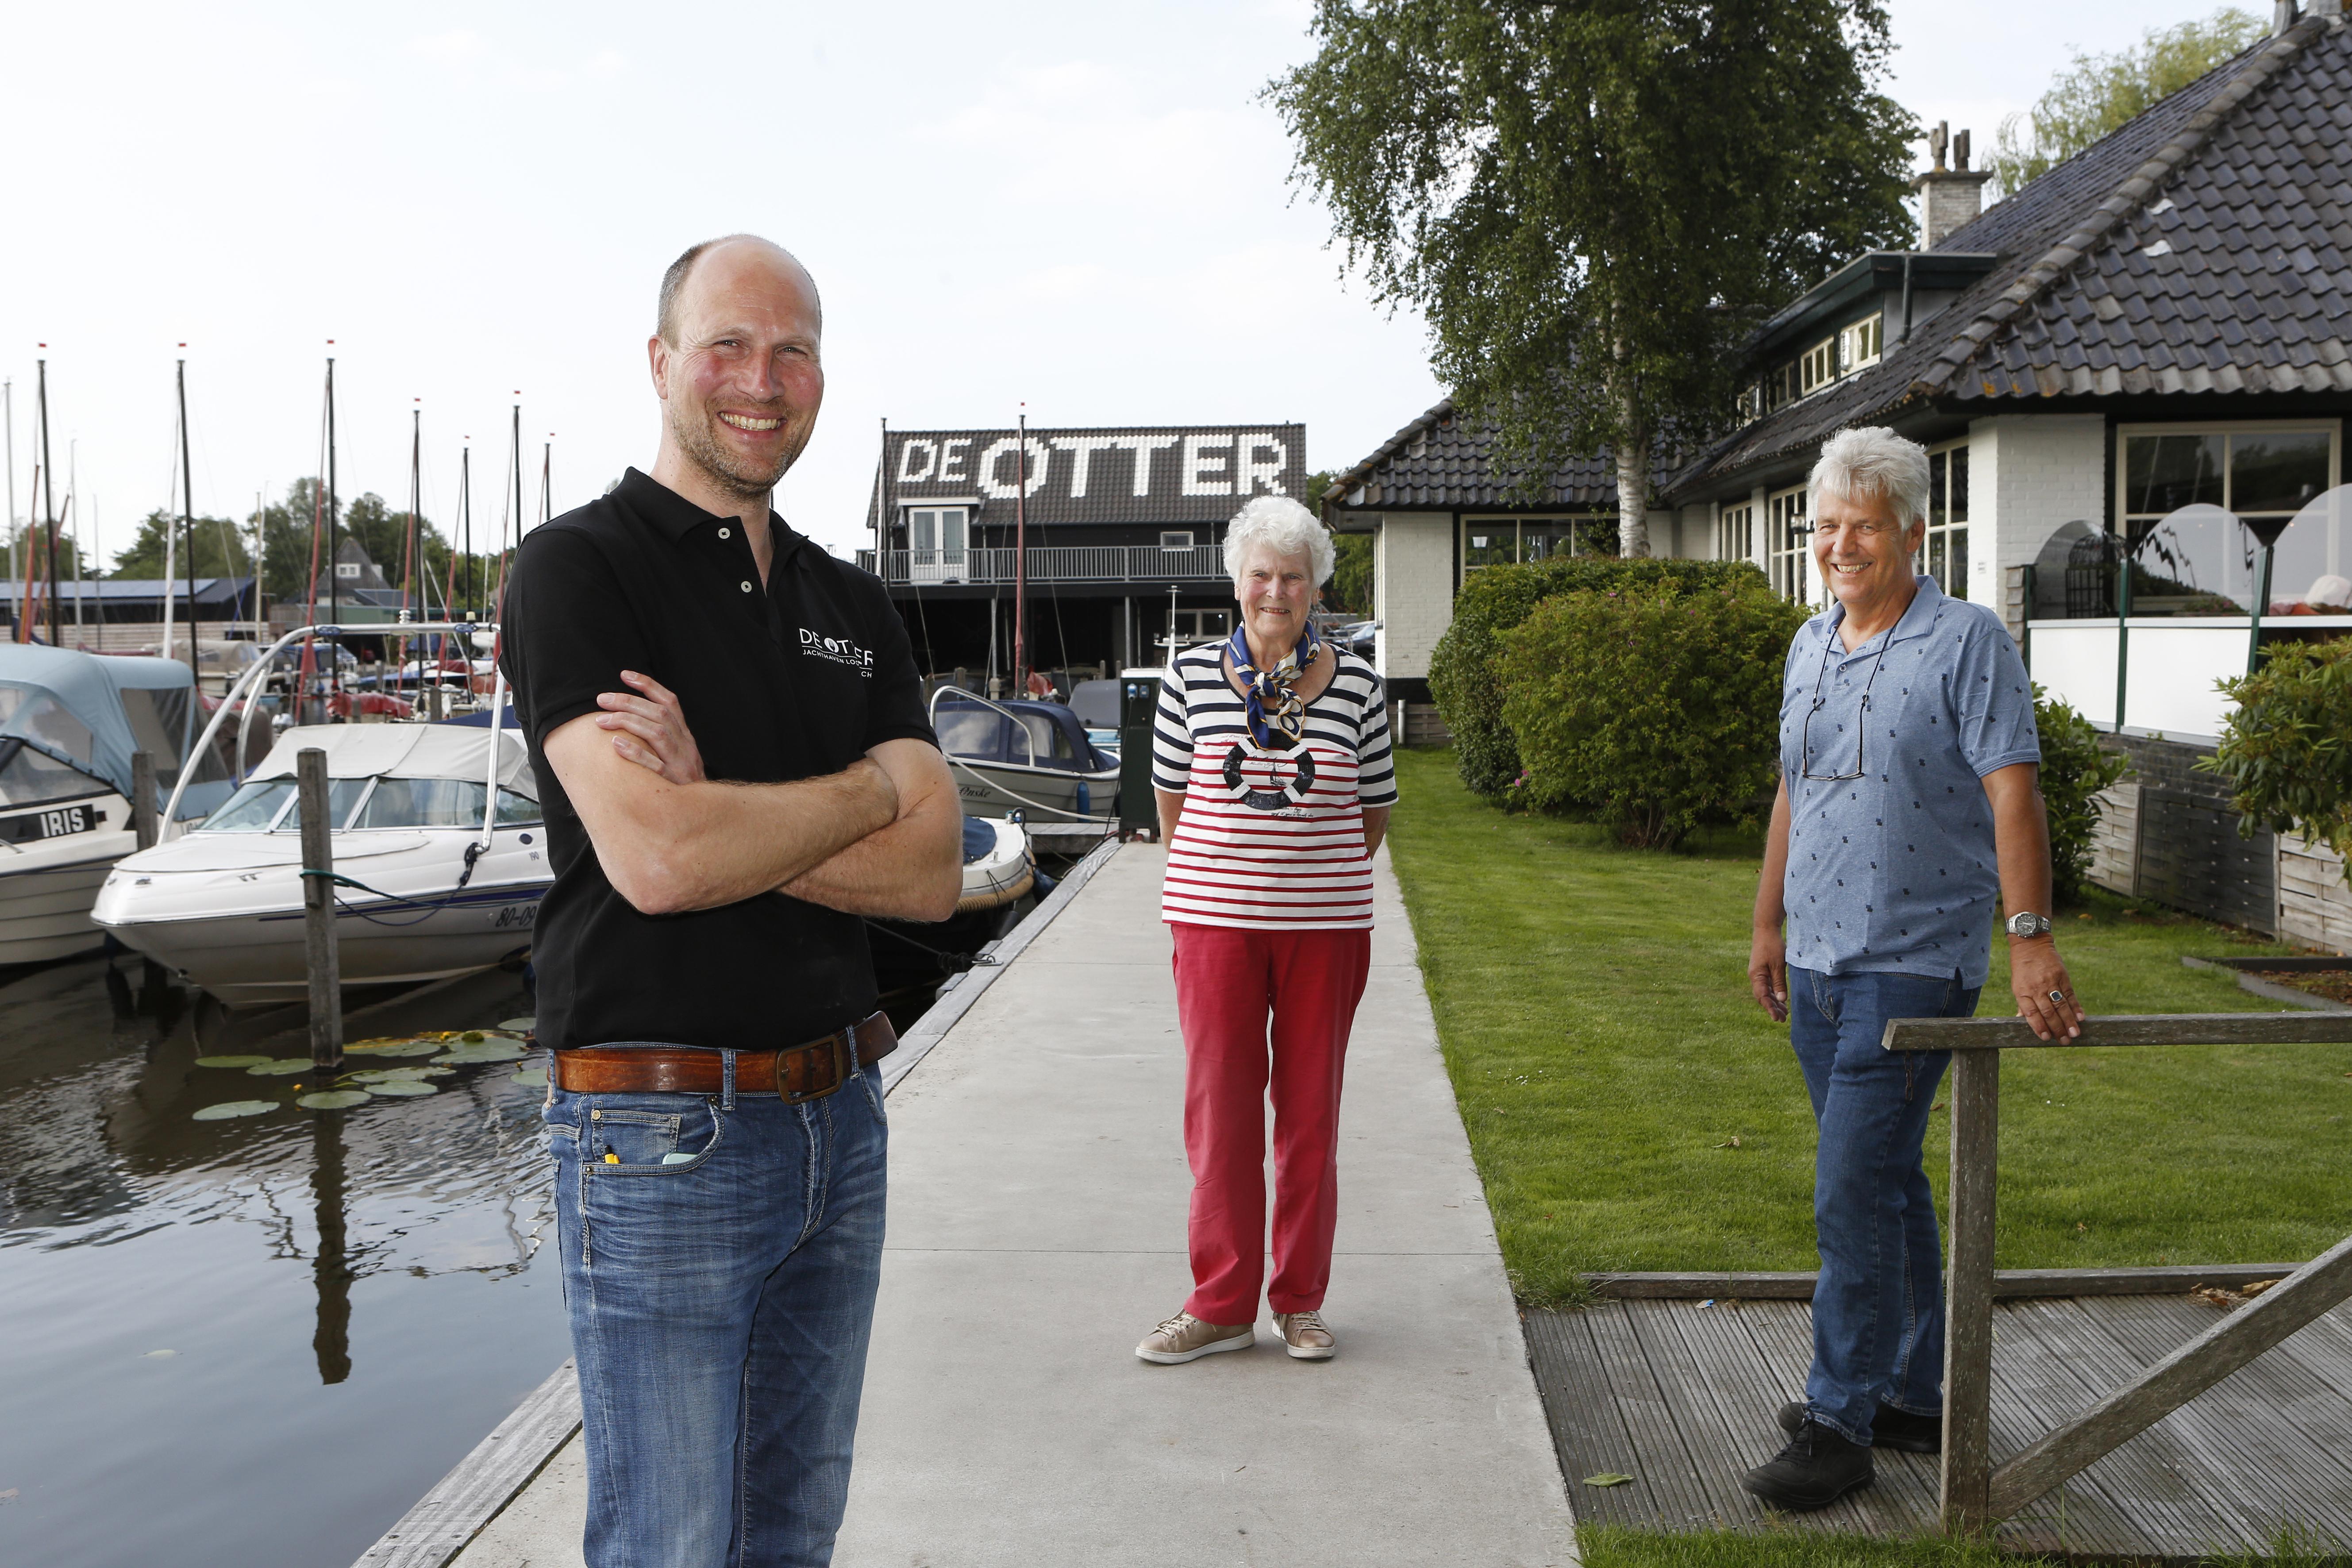 Restaurant De Otter in Loosdrecht zag de bui van corona al hangen en is dichtgegaan: 'We kwamen steeds meer in een spagaat'